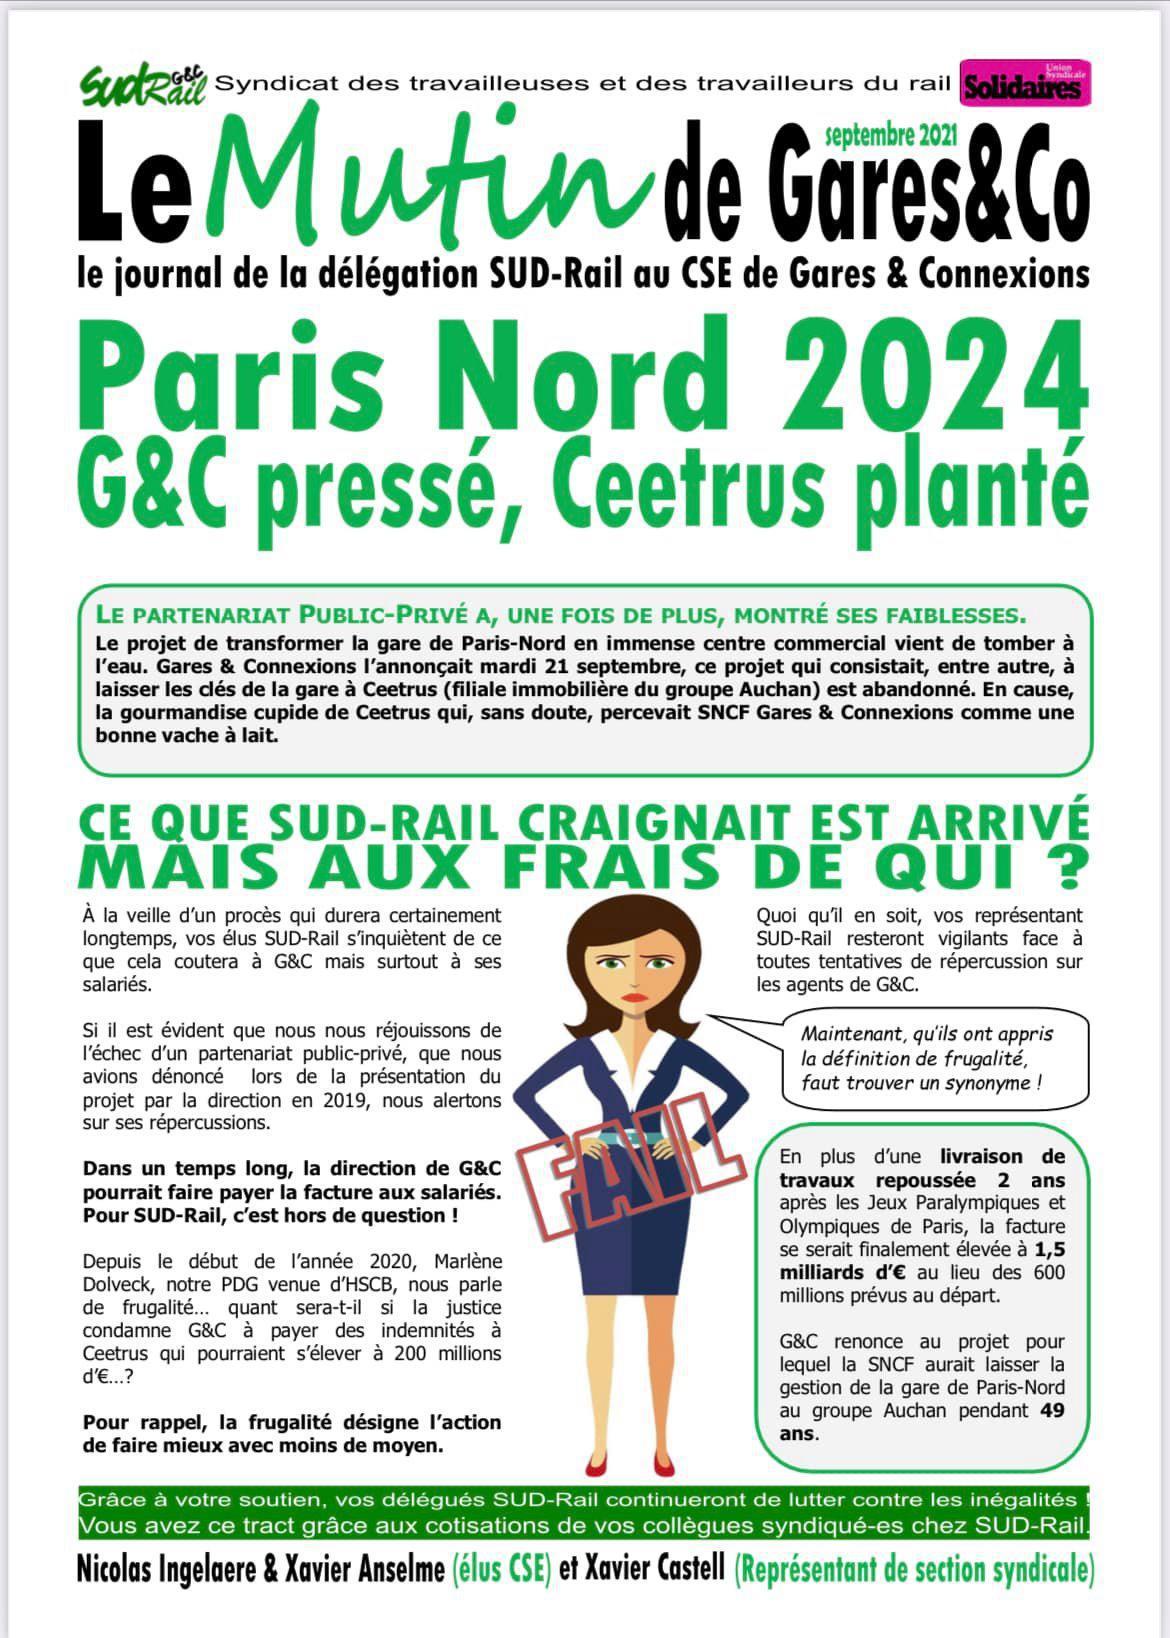 Le Mutin de Gares & Co